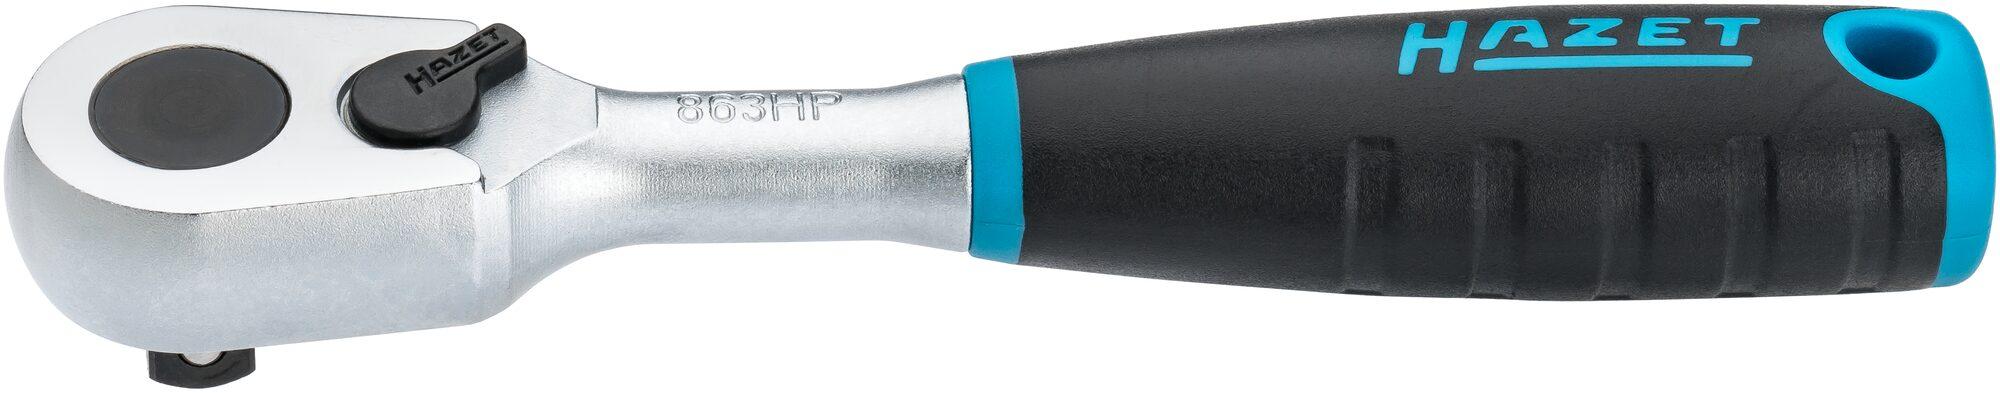 HAZET HiPer Feinzahn-Umschaltknarre 863HP ∙ Vierkant massiv 6,3 mm (1/4 Zoll)